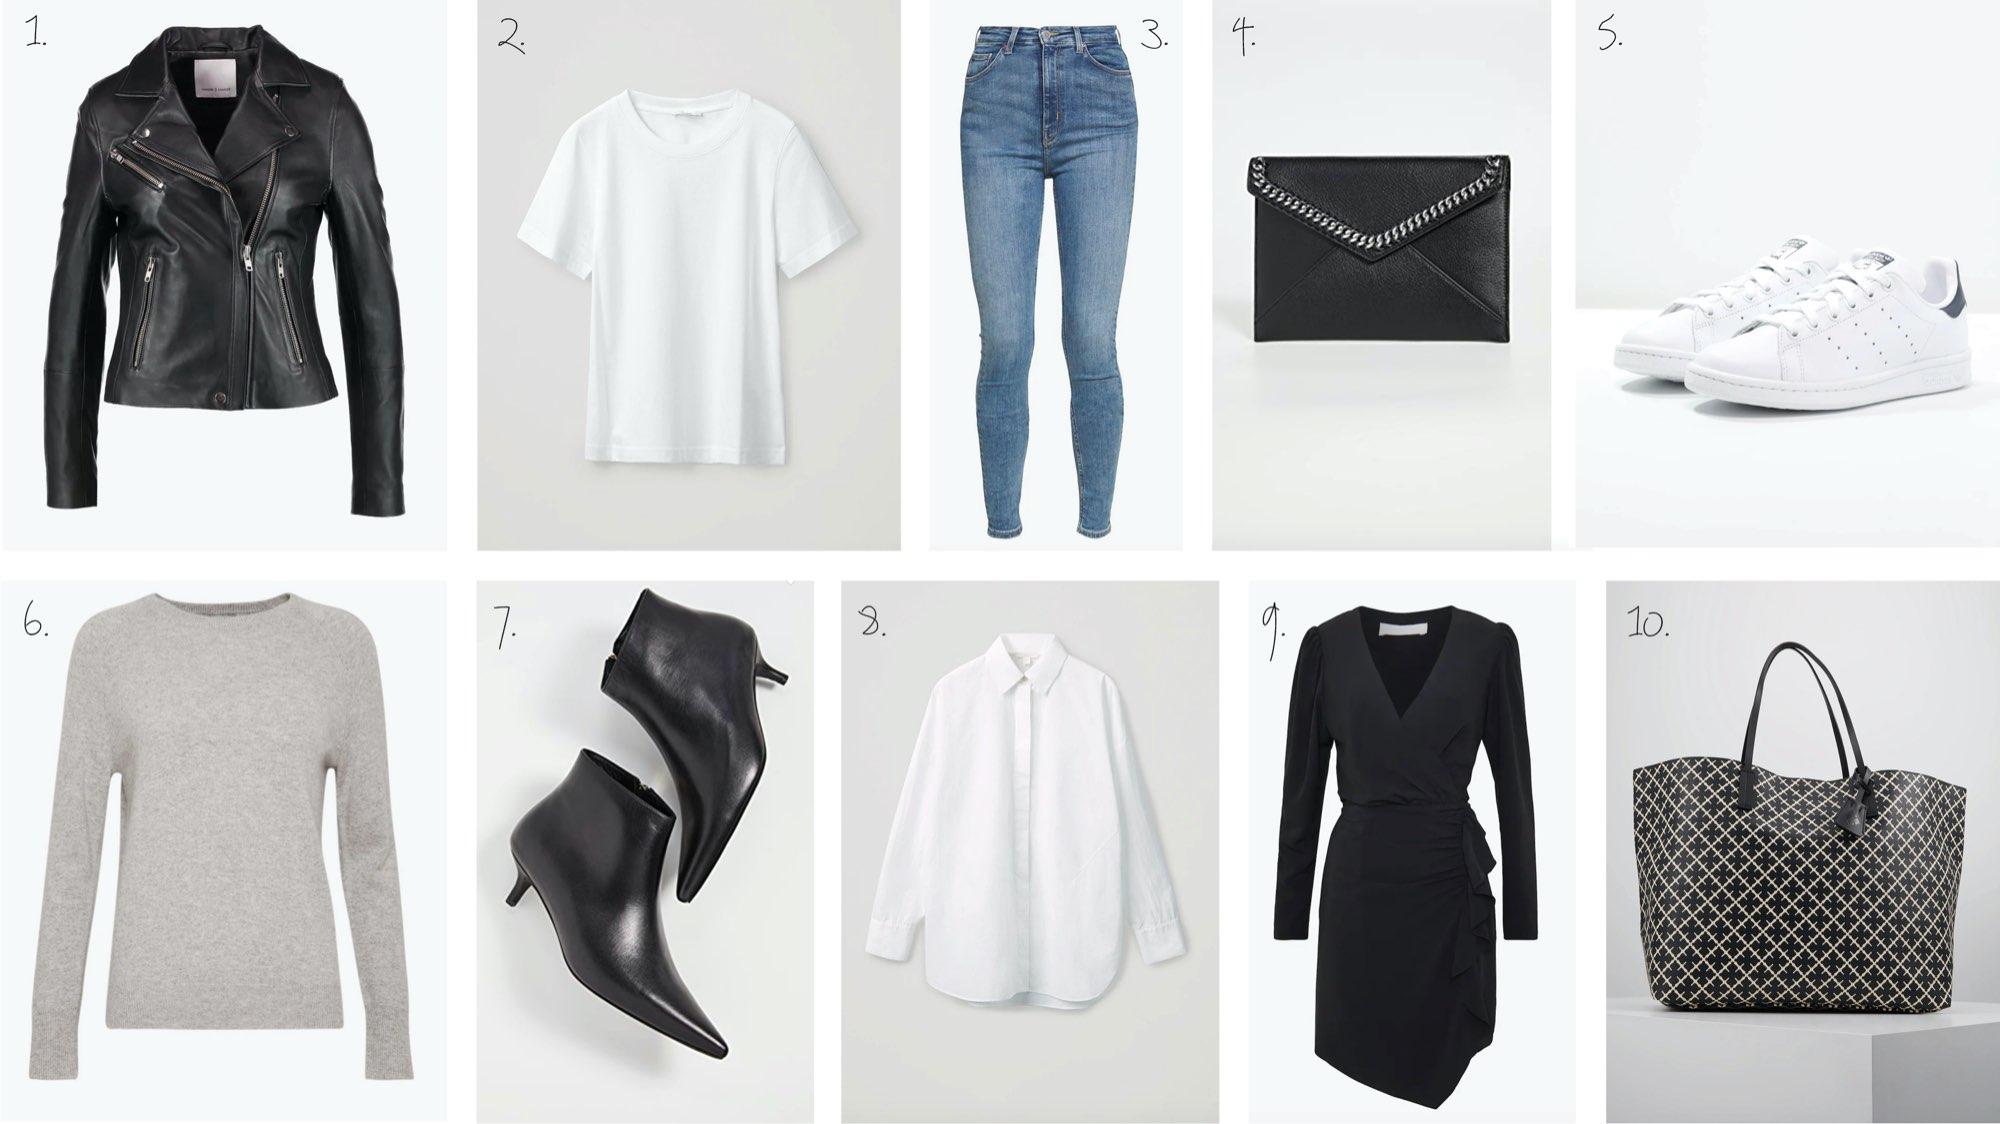 Bild zum Make up & Fashion Blog - wie-man-einen-kapselschrank-baut-ID14567-1.jpeg?v=1585054037